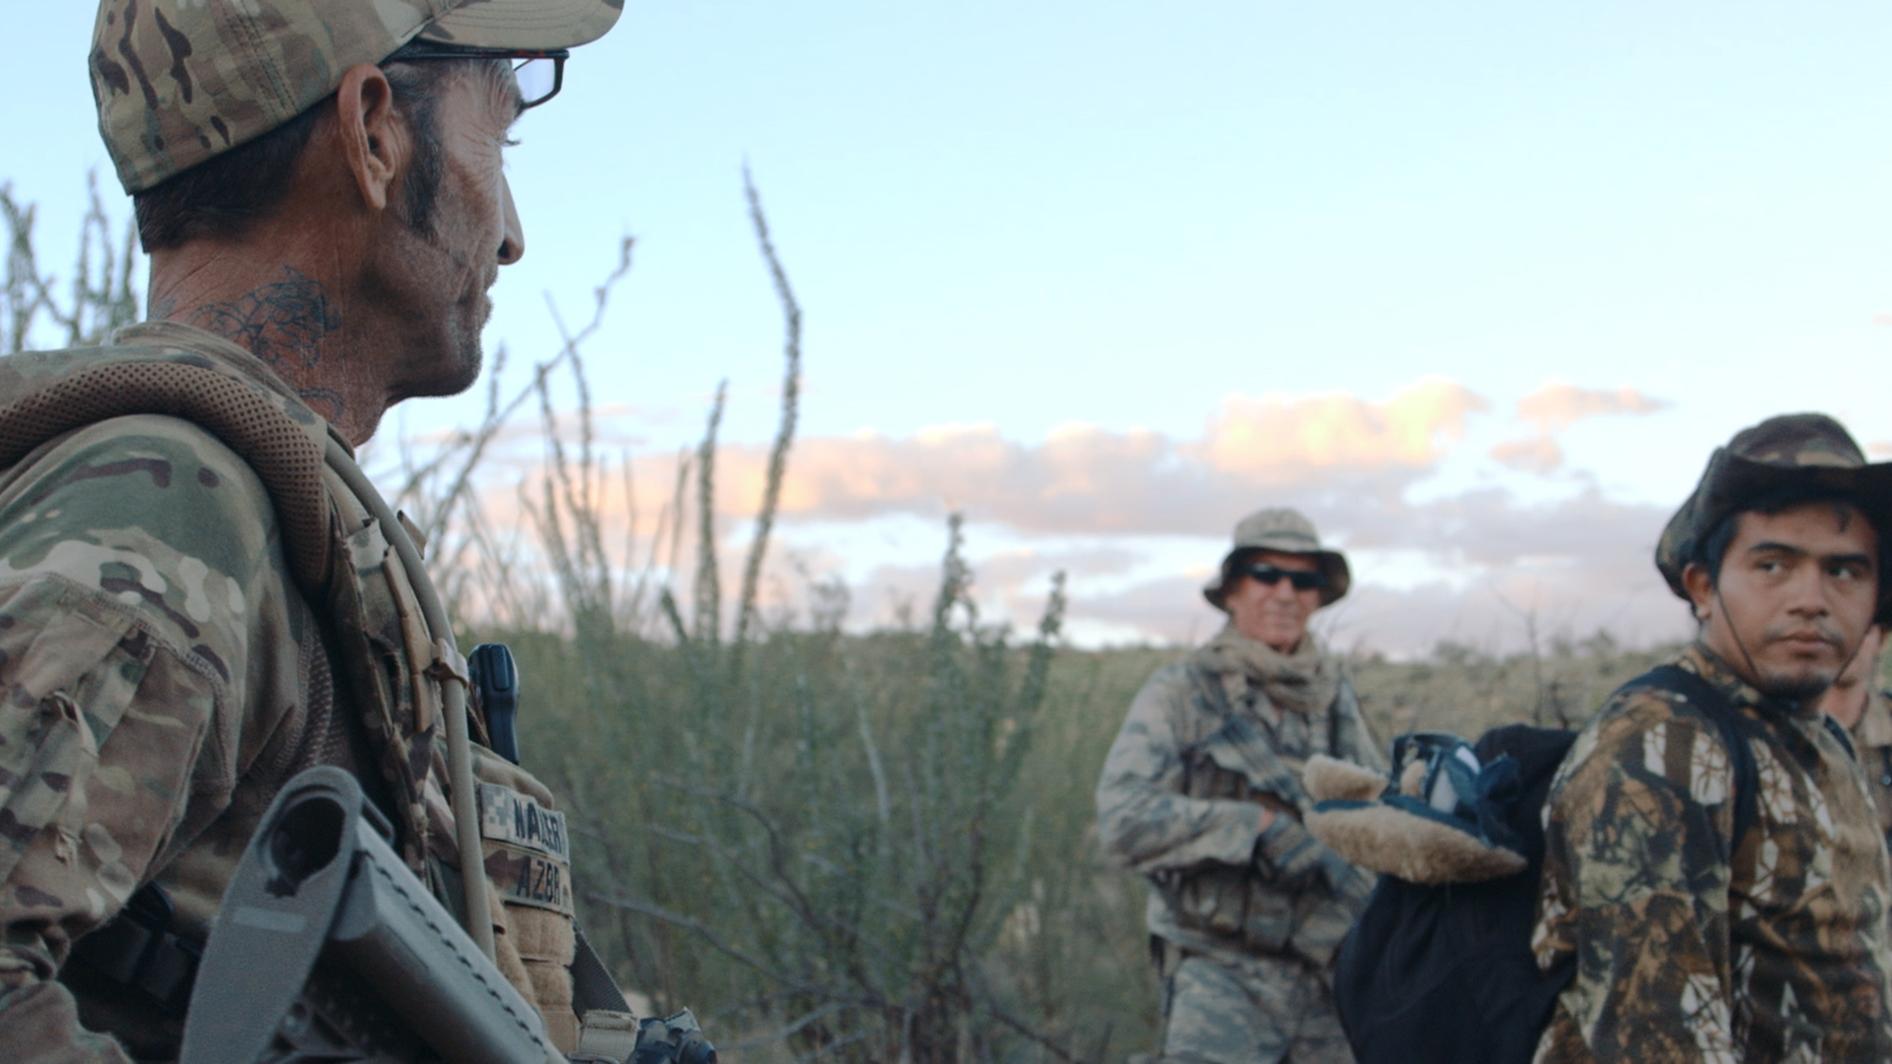 #4 - Tim _Nailer_ Foley (left) in CARTEL LAND, a film by Matthew Heineman.jpg